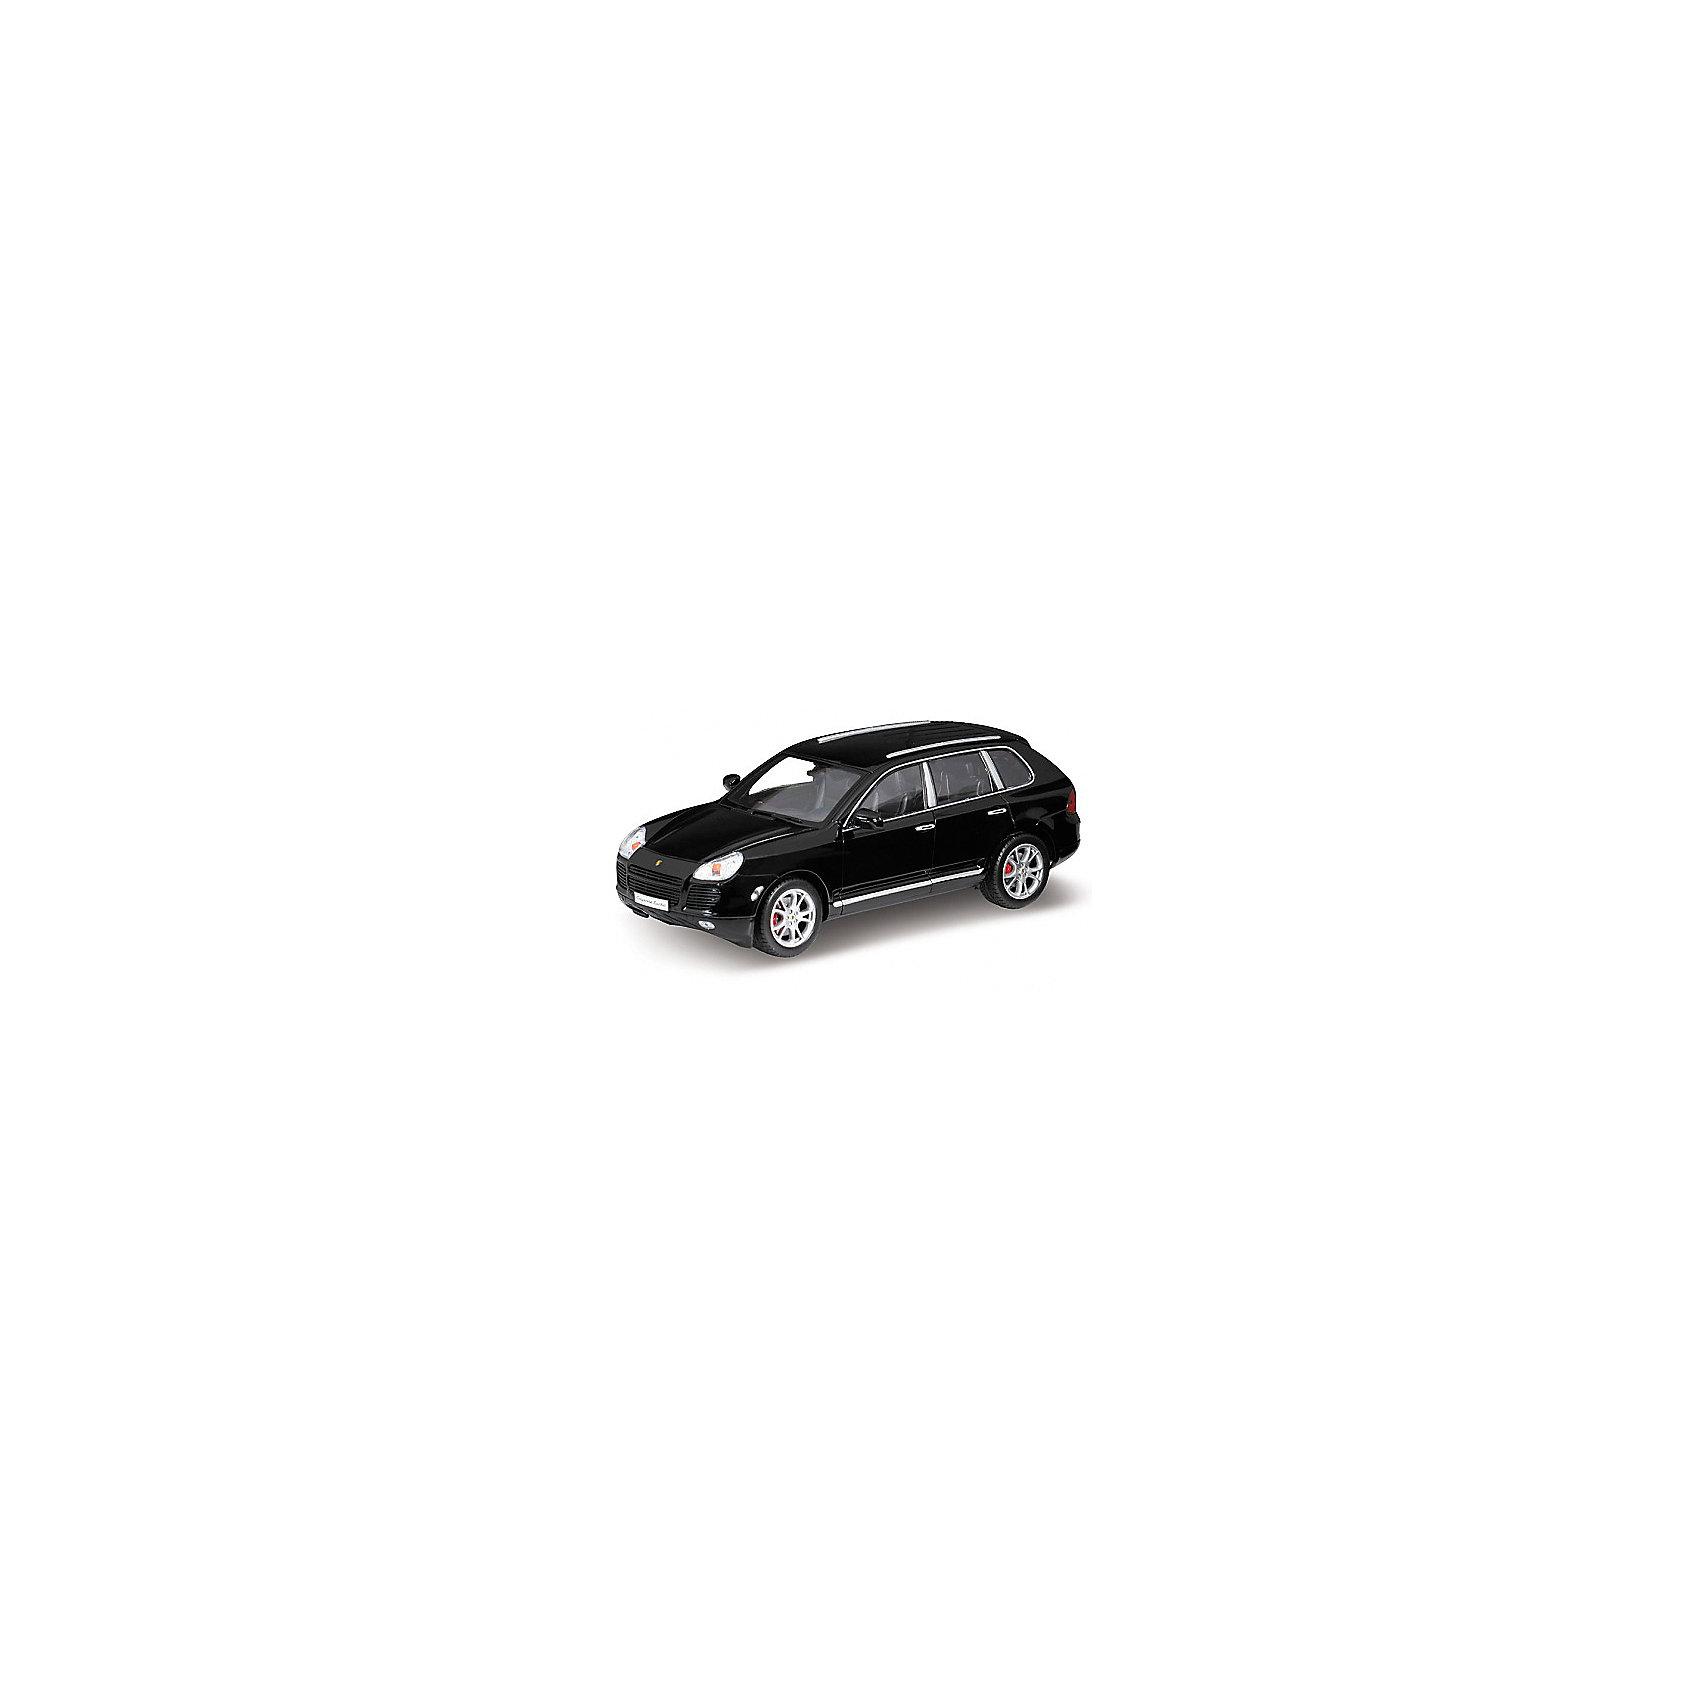 Модель машины 1:18 PORSCHE CAYENNE TURBO, WellyКоллекционные модели<br>Коллекционная модель машины Welly масштаба 1:18 PORSCHE CAYENNE TURBO. Функции: открываются передние двери, капот, багажник, поворотом руля поварачиваются передние колеса.  Обратите внимание, машина представлена в цветовом ассортименте, выбранный вариант в поставке не гарантирован.<br><br>Ширина мм: 160<br>Глубина мм: 140<br>Высота мм: 340<br>Вес г: 1377<br>Возраст от месяцев: 36<br>Возраст до месяцев: 192<br>Пол: Мужской<br>Возраст: Детский<br>SKU: 4966472